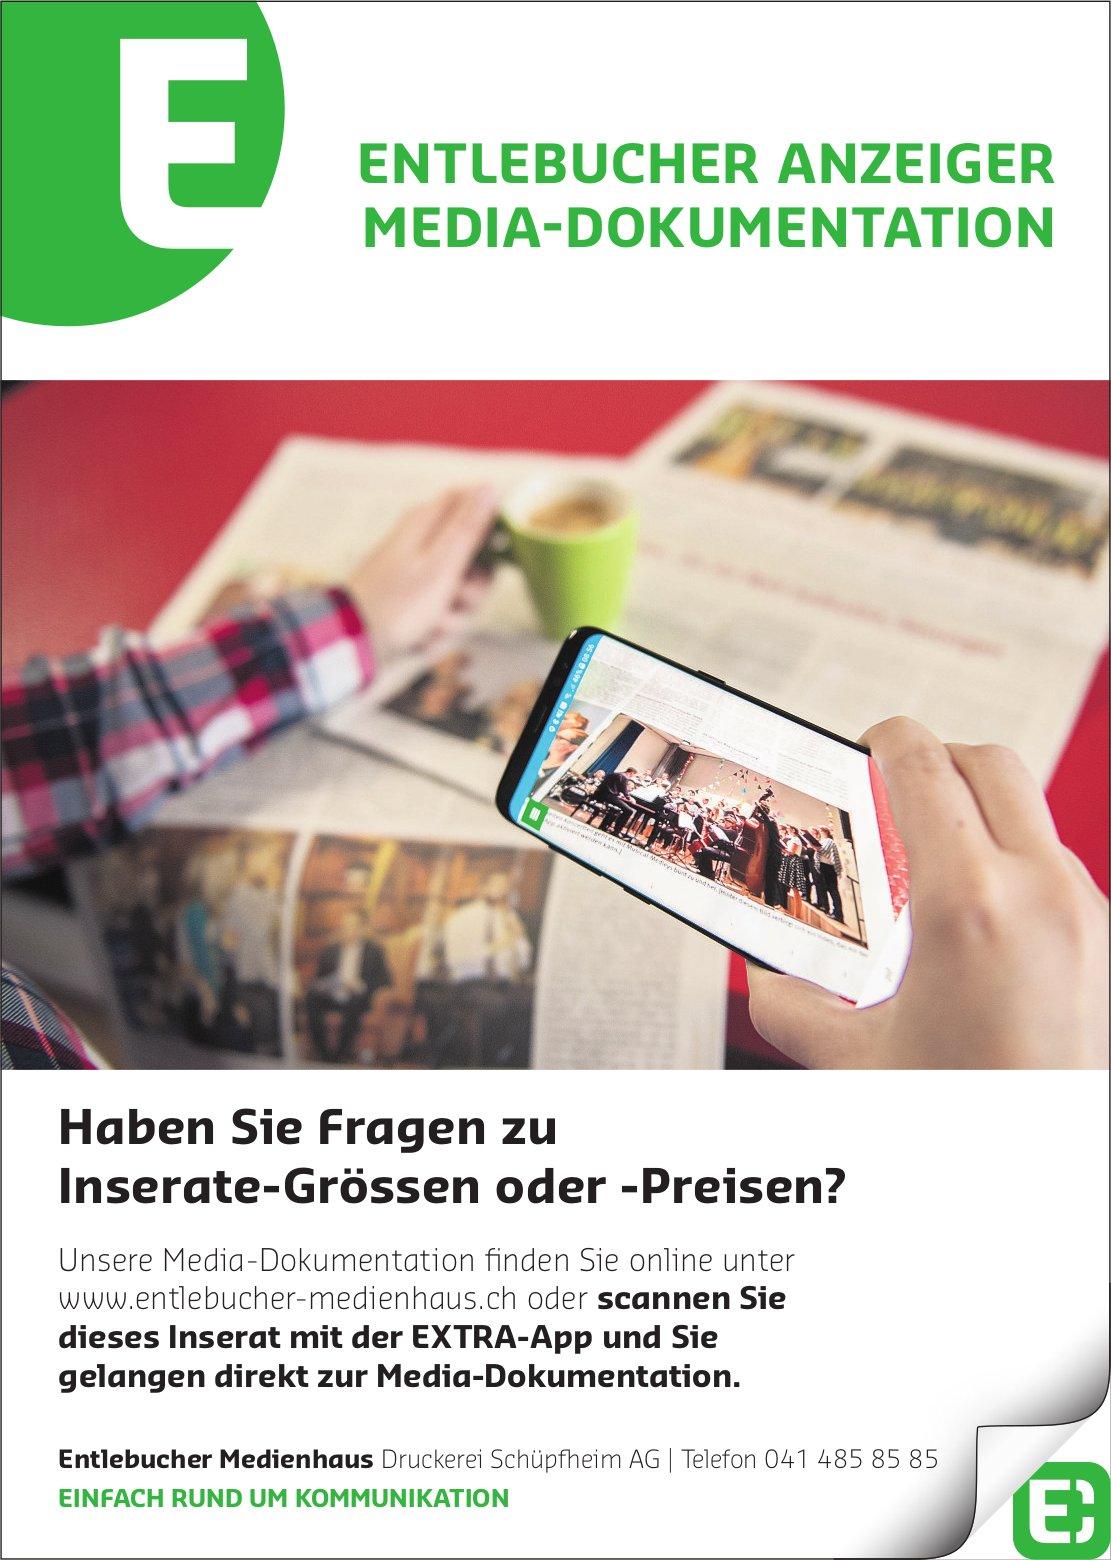 ENTLEBUCHER ANZEIGER MEDIA-DOKUMENTATION